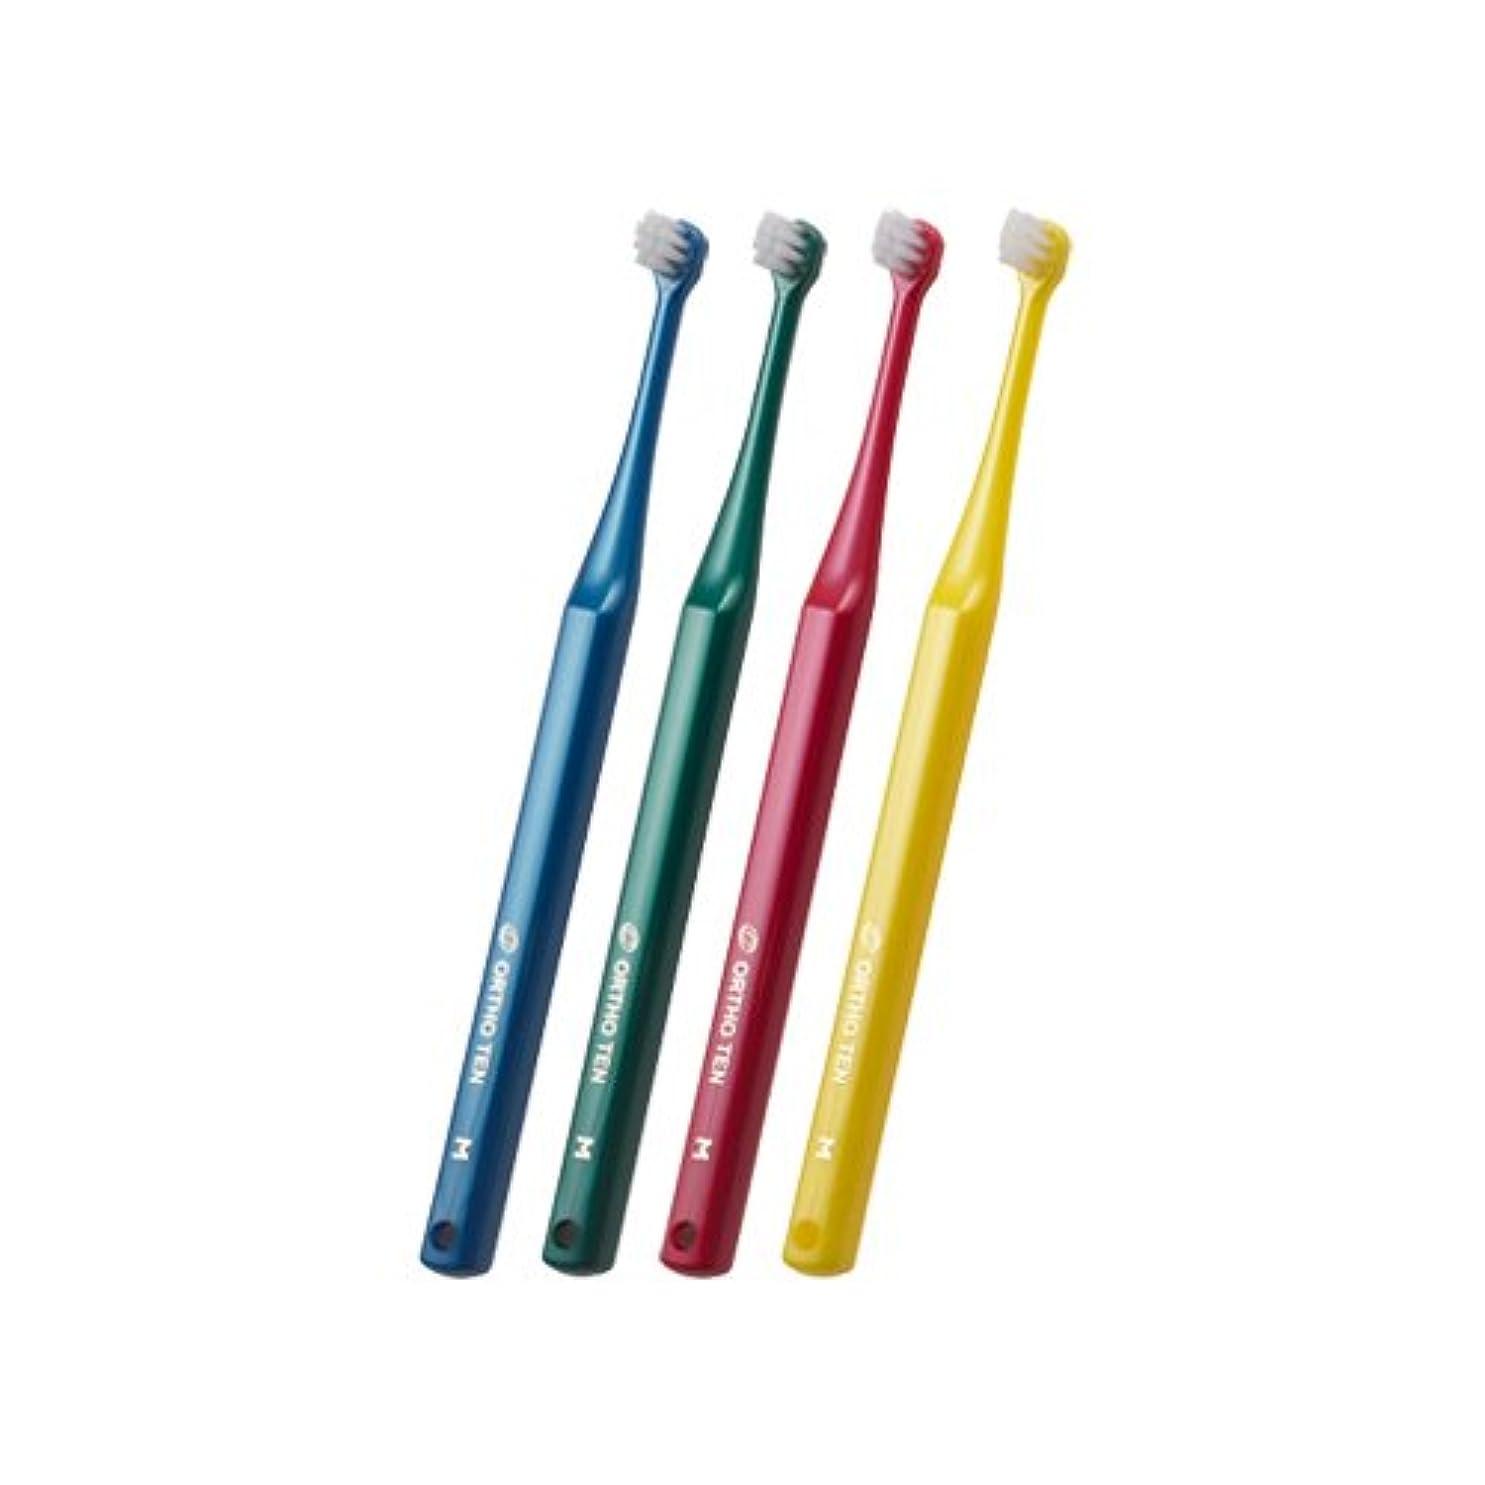 ありがたいファイル意義ORTHO TEN オーソテン 歯ブラシ 4本セット